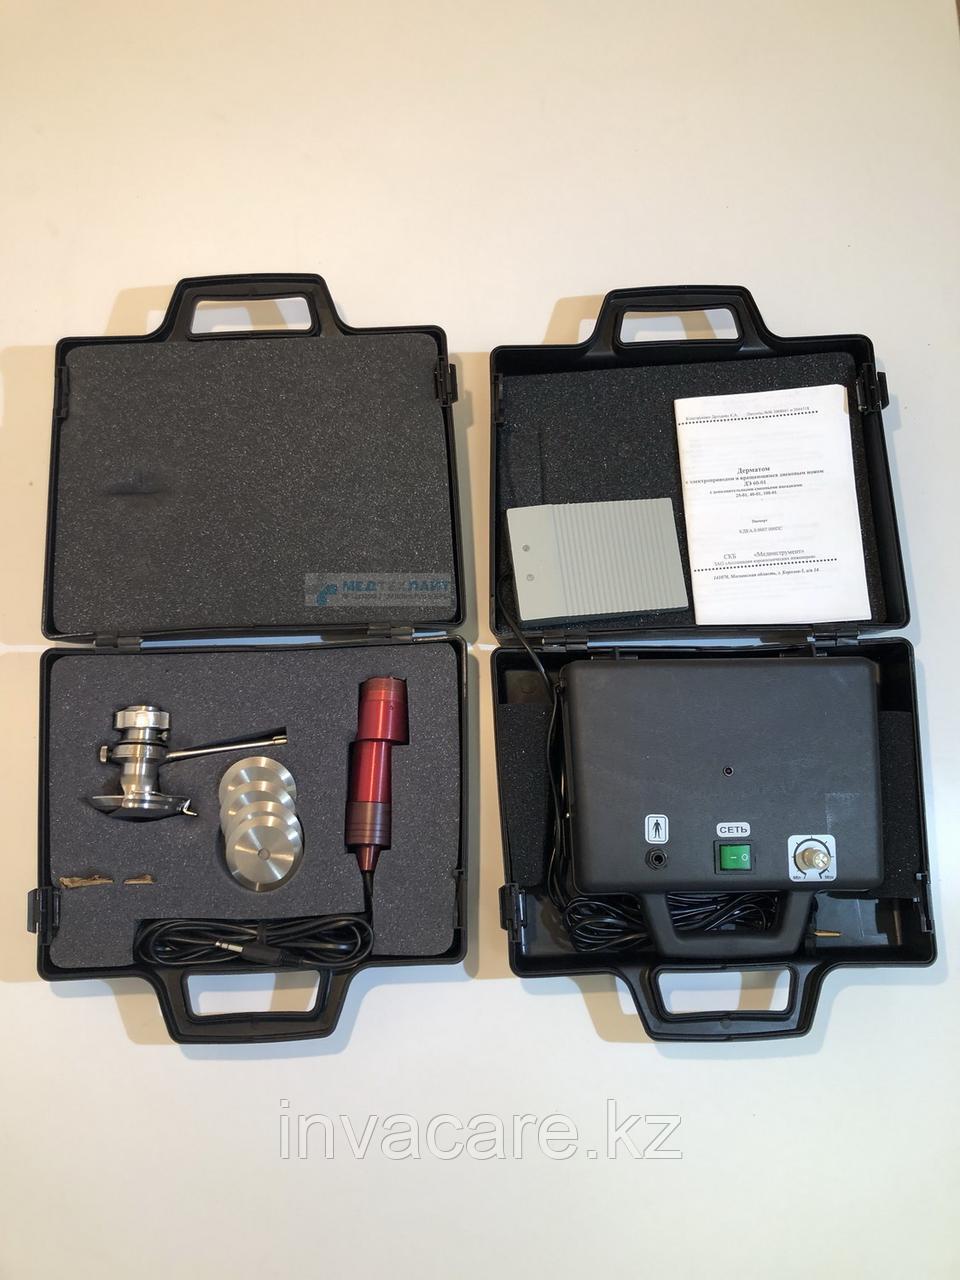 Дерматом электрический с вращающимся ножом ДЭП-60 с Госрезерва